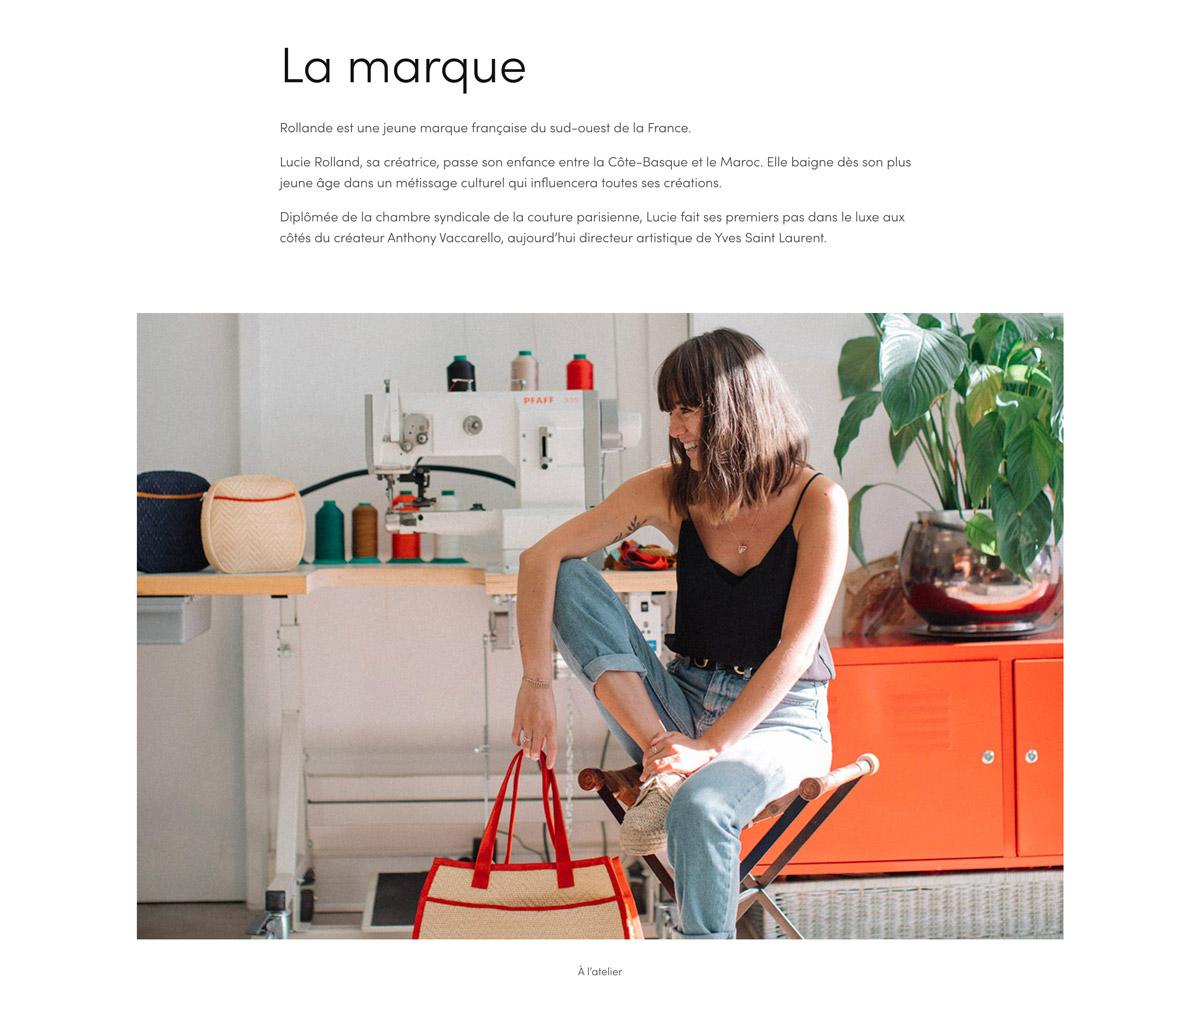 Jean Le Roy - Développeur web et consultant social medias à Biarritz - Rollande - E-commerce